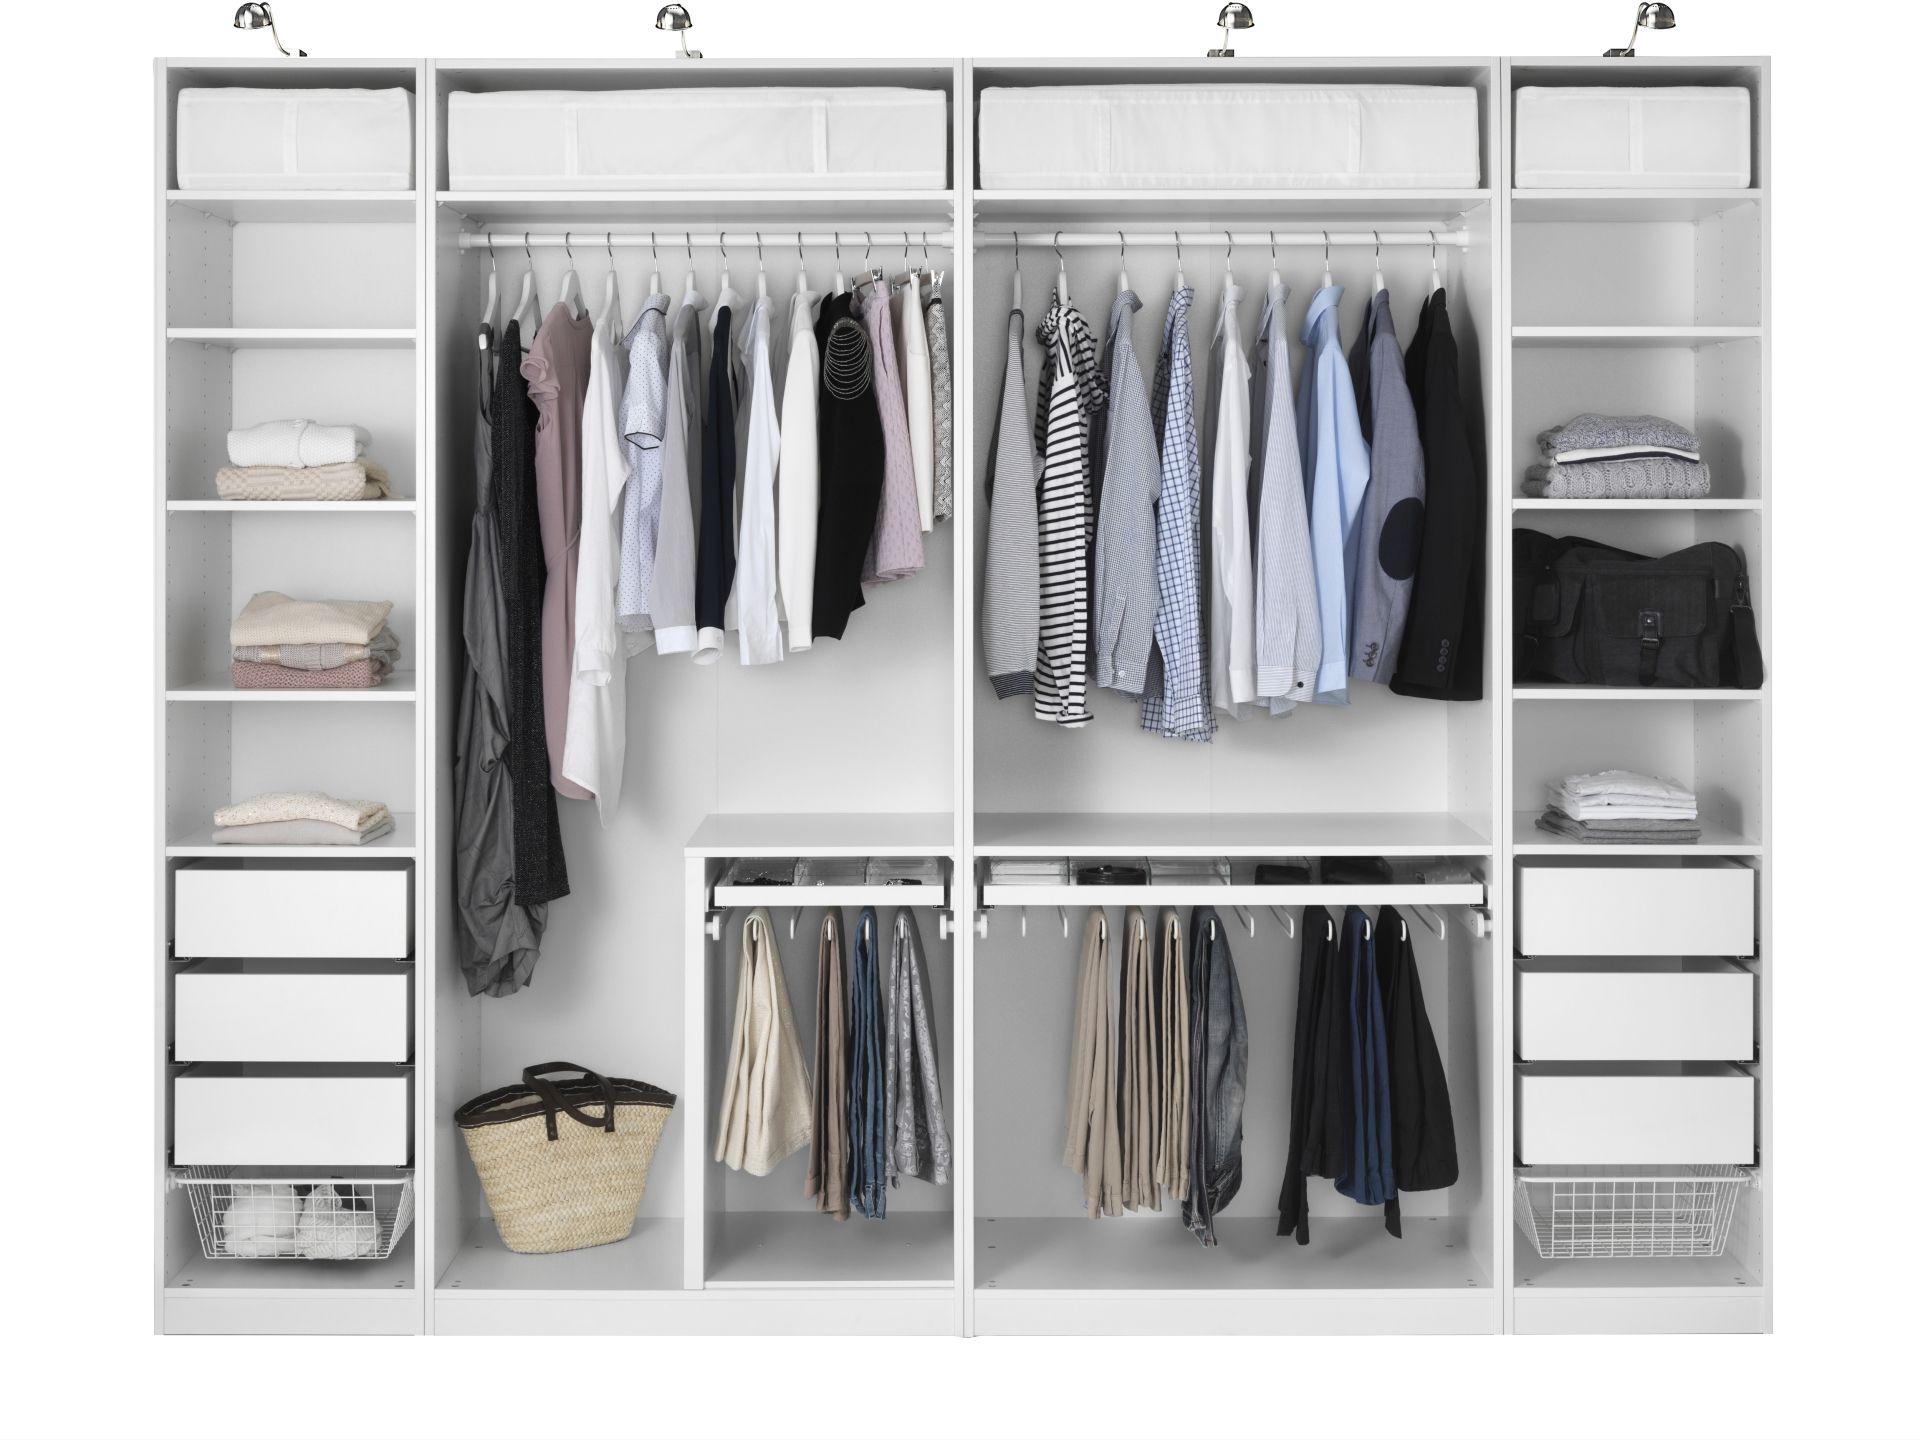 PAX garderobekast  IKEAcatalogus nieuw 2018 IKEA IKEAnl